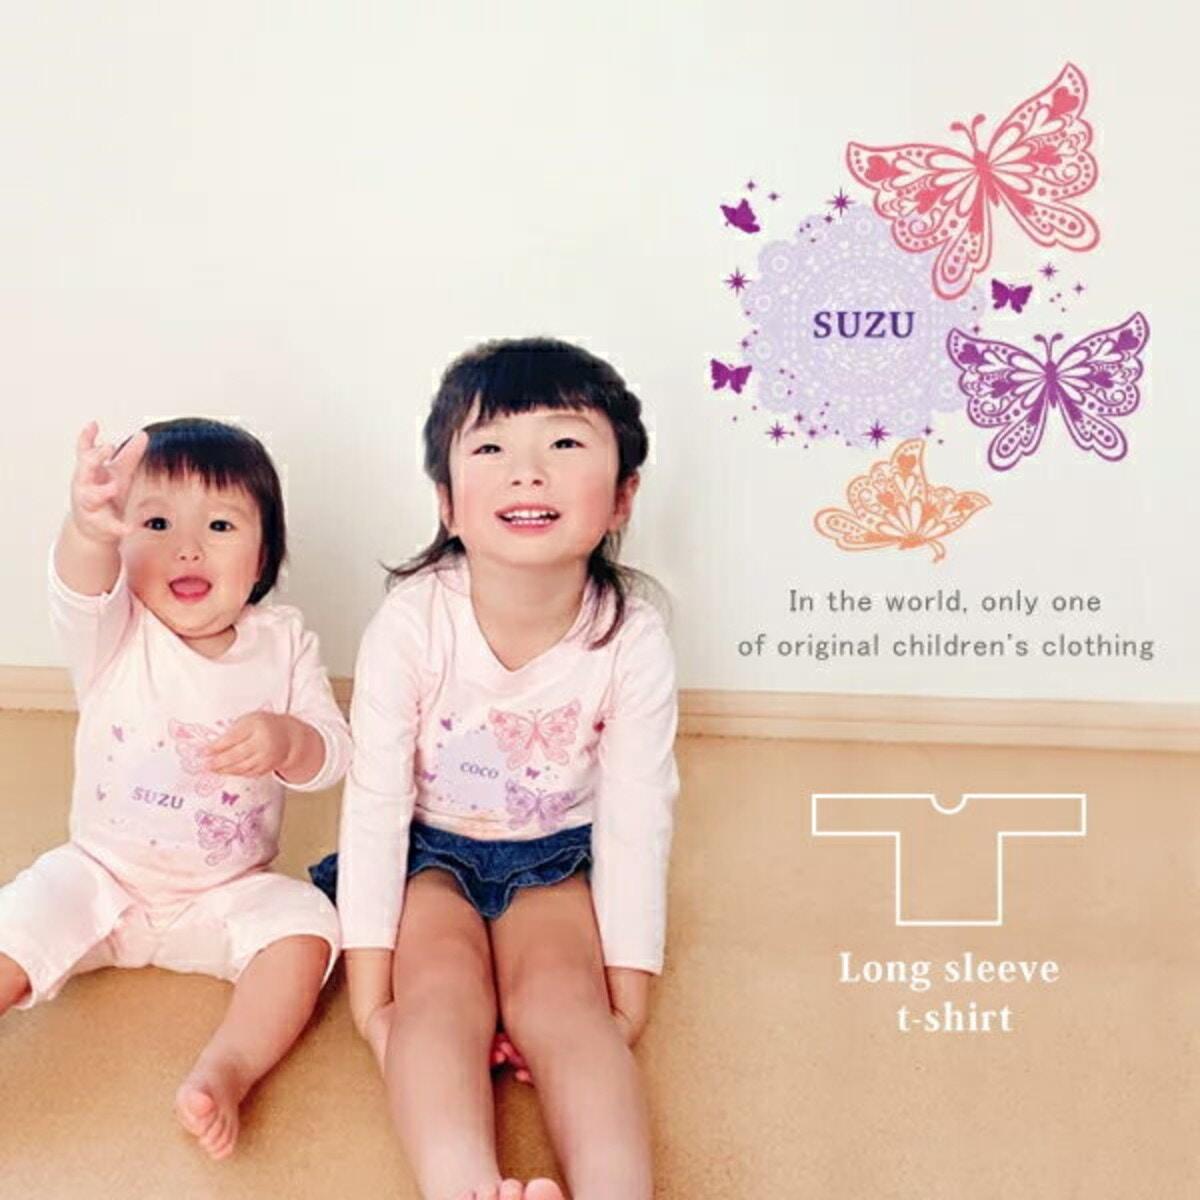 蝶とレースのかわいいデザインの長袖Tシャツ